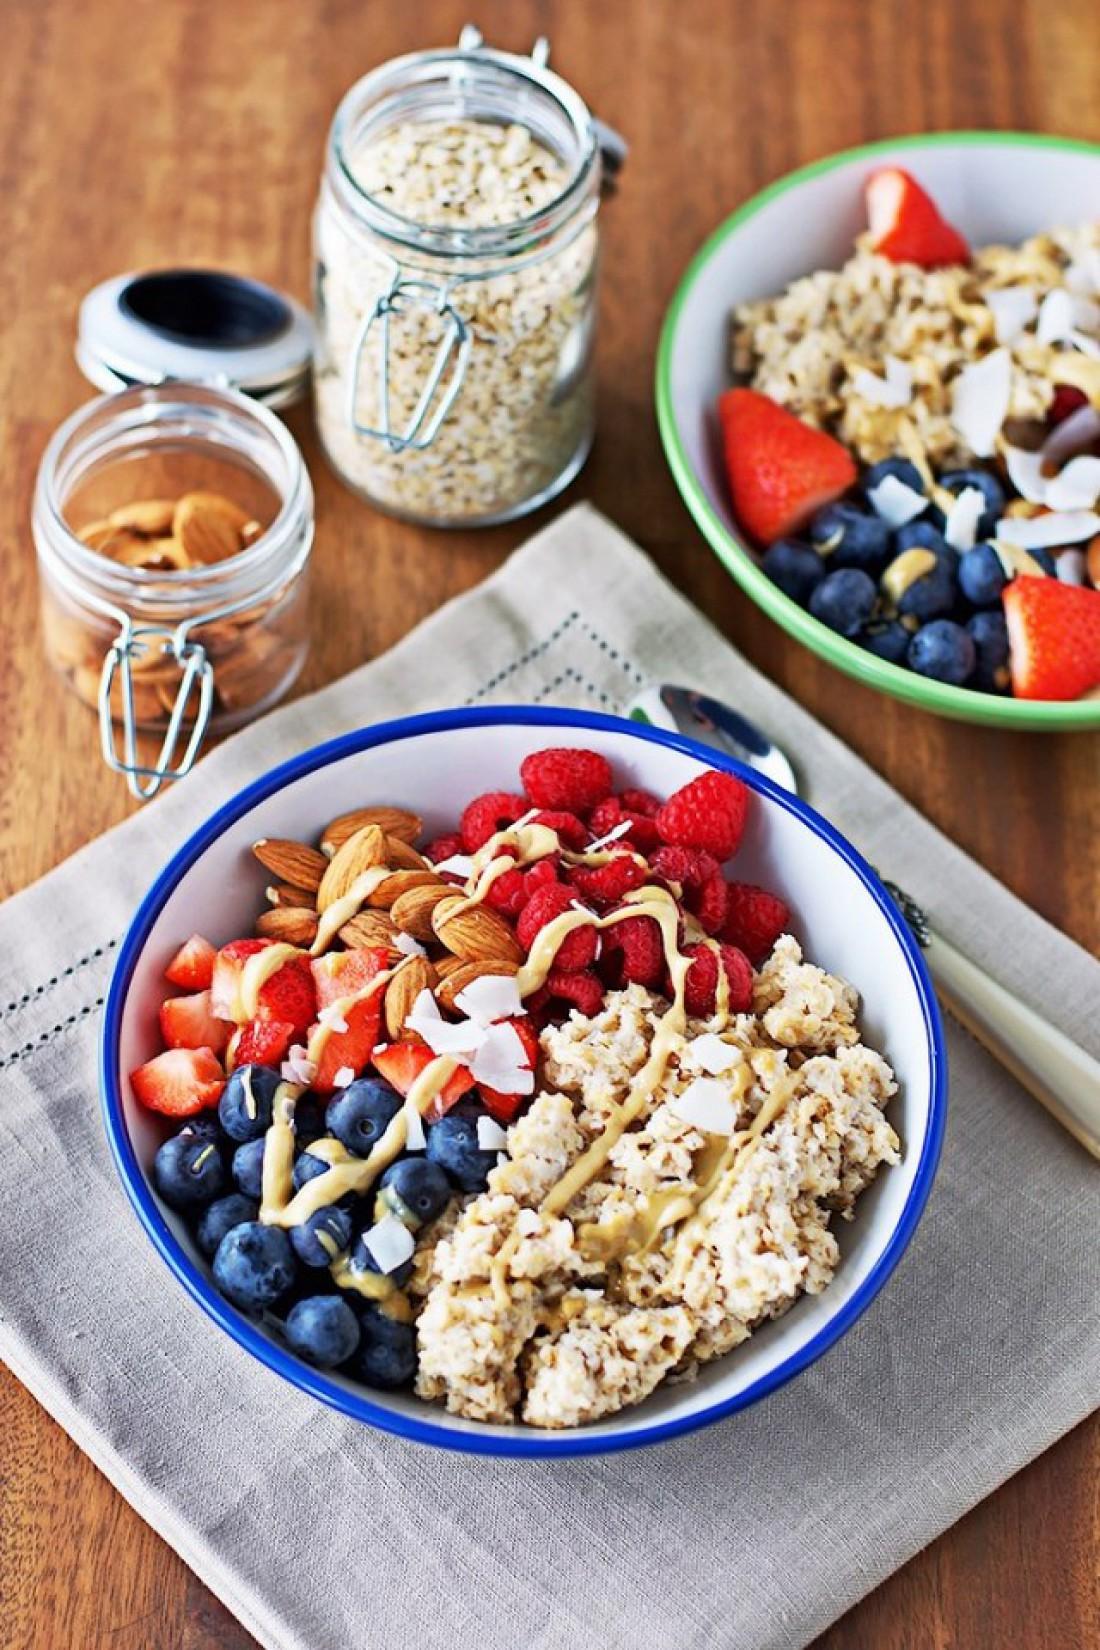 Полезные Вкусные Каши Для Похудения. Крупы для похудения и выведения жира. Список лучших, полезных, диетических